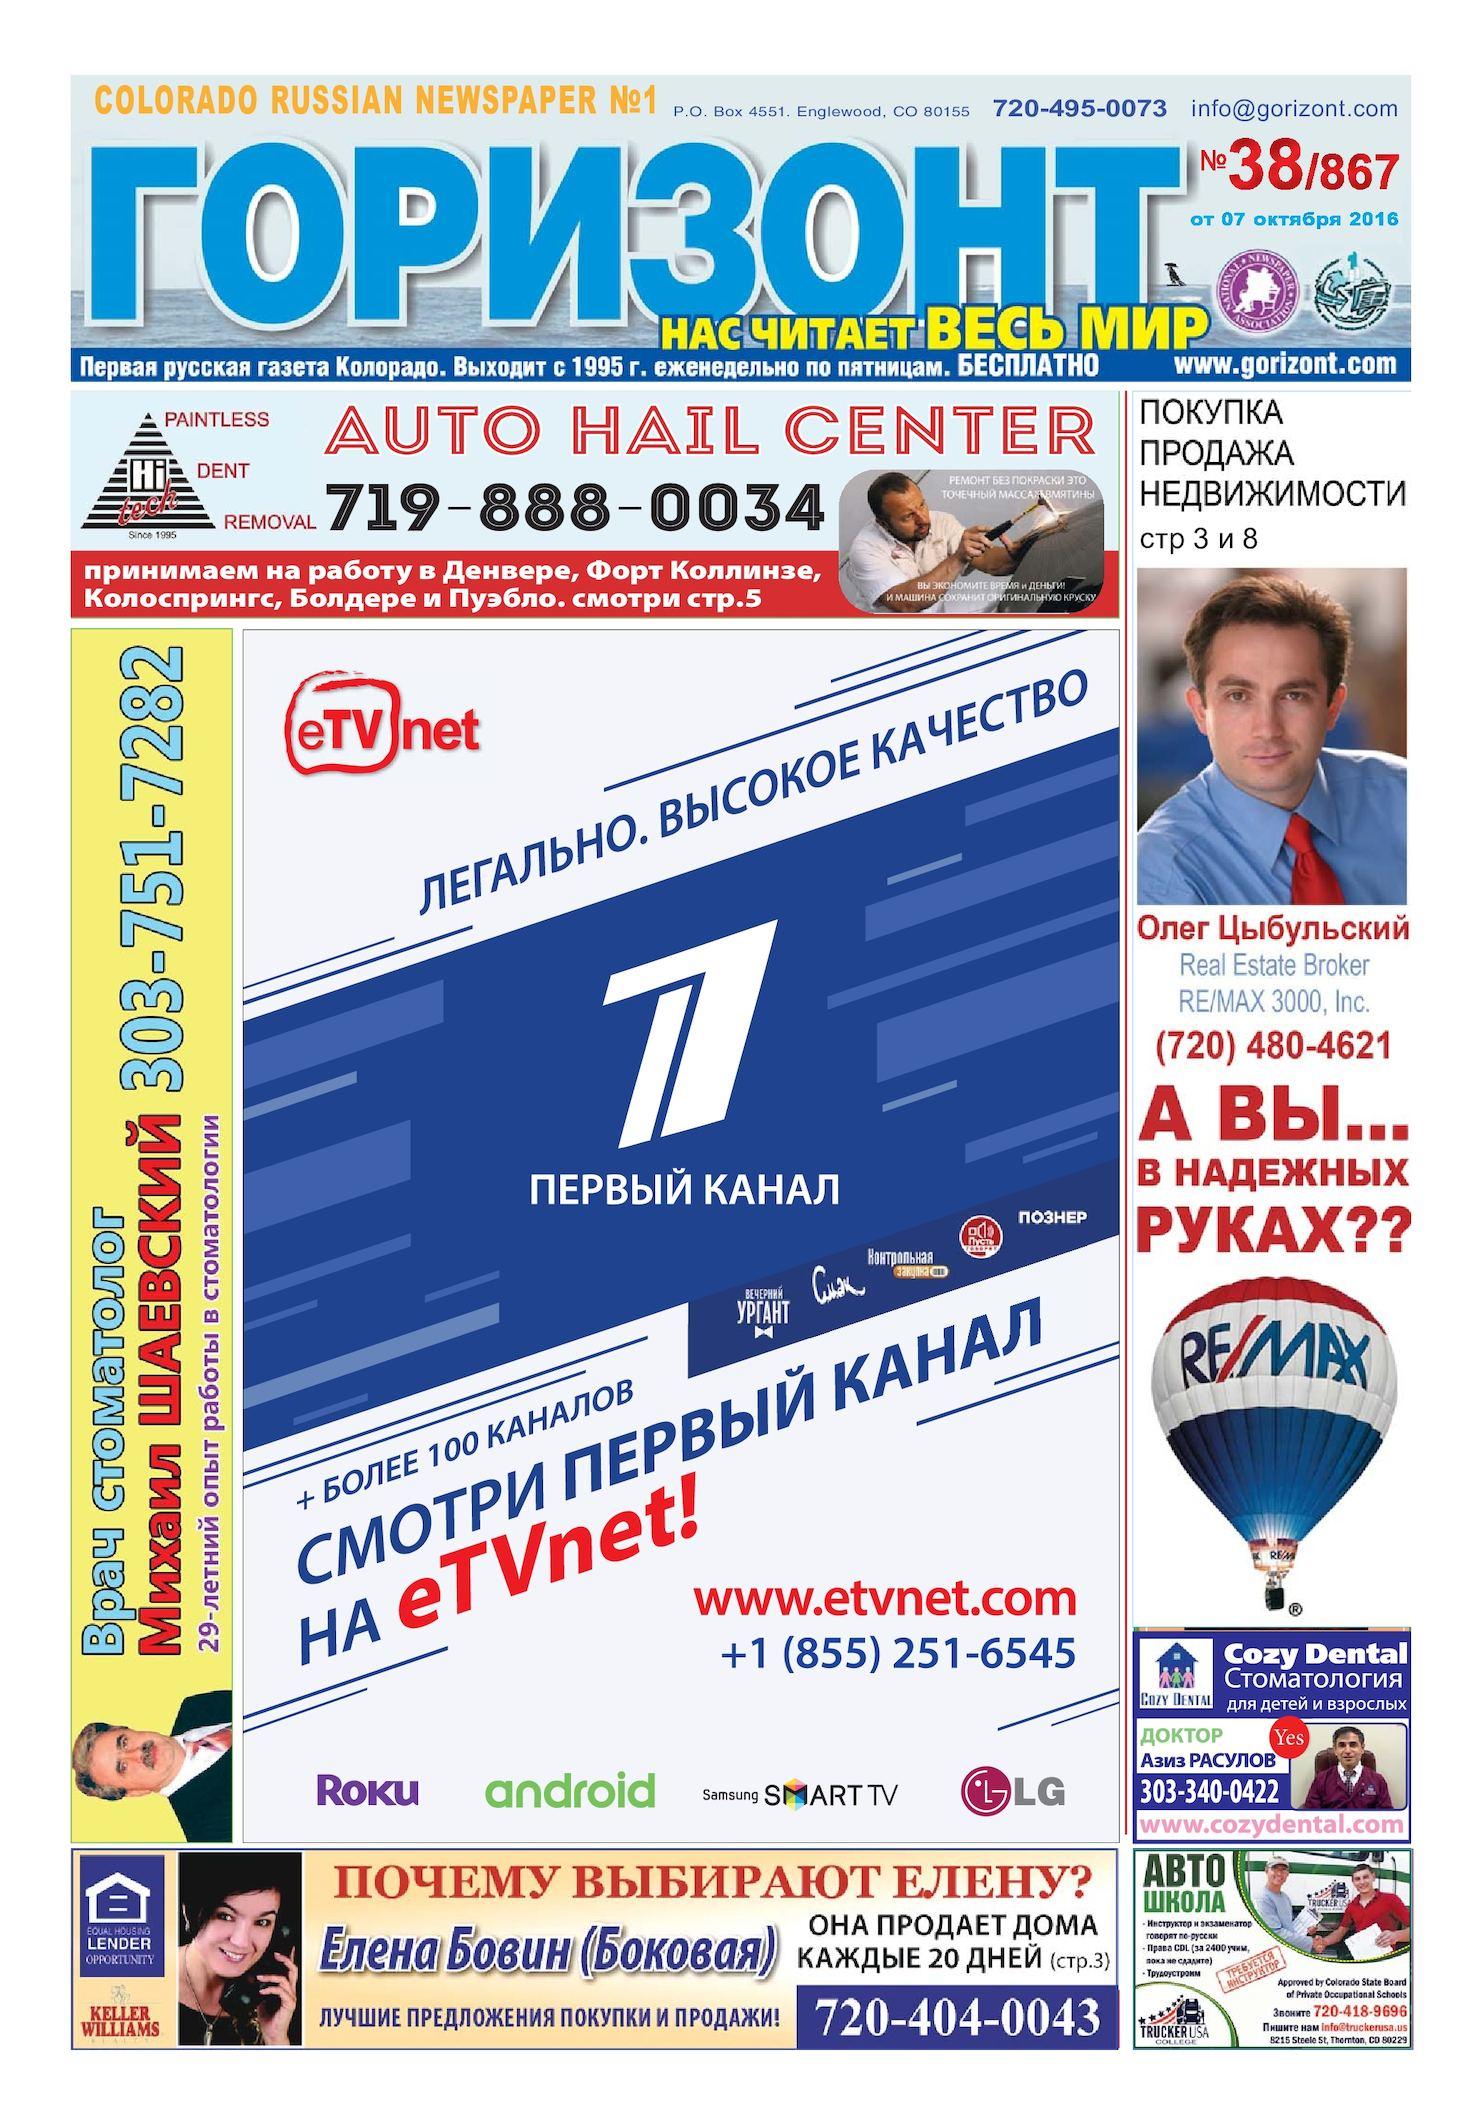 Мини займы онлайн на карту срочно skip-start.ru